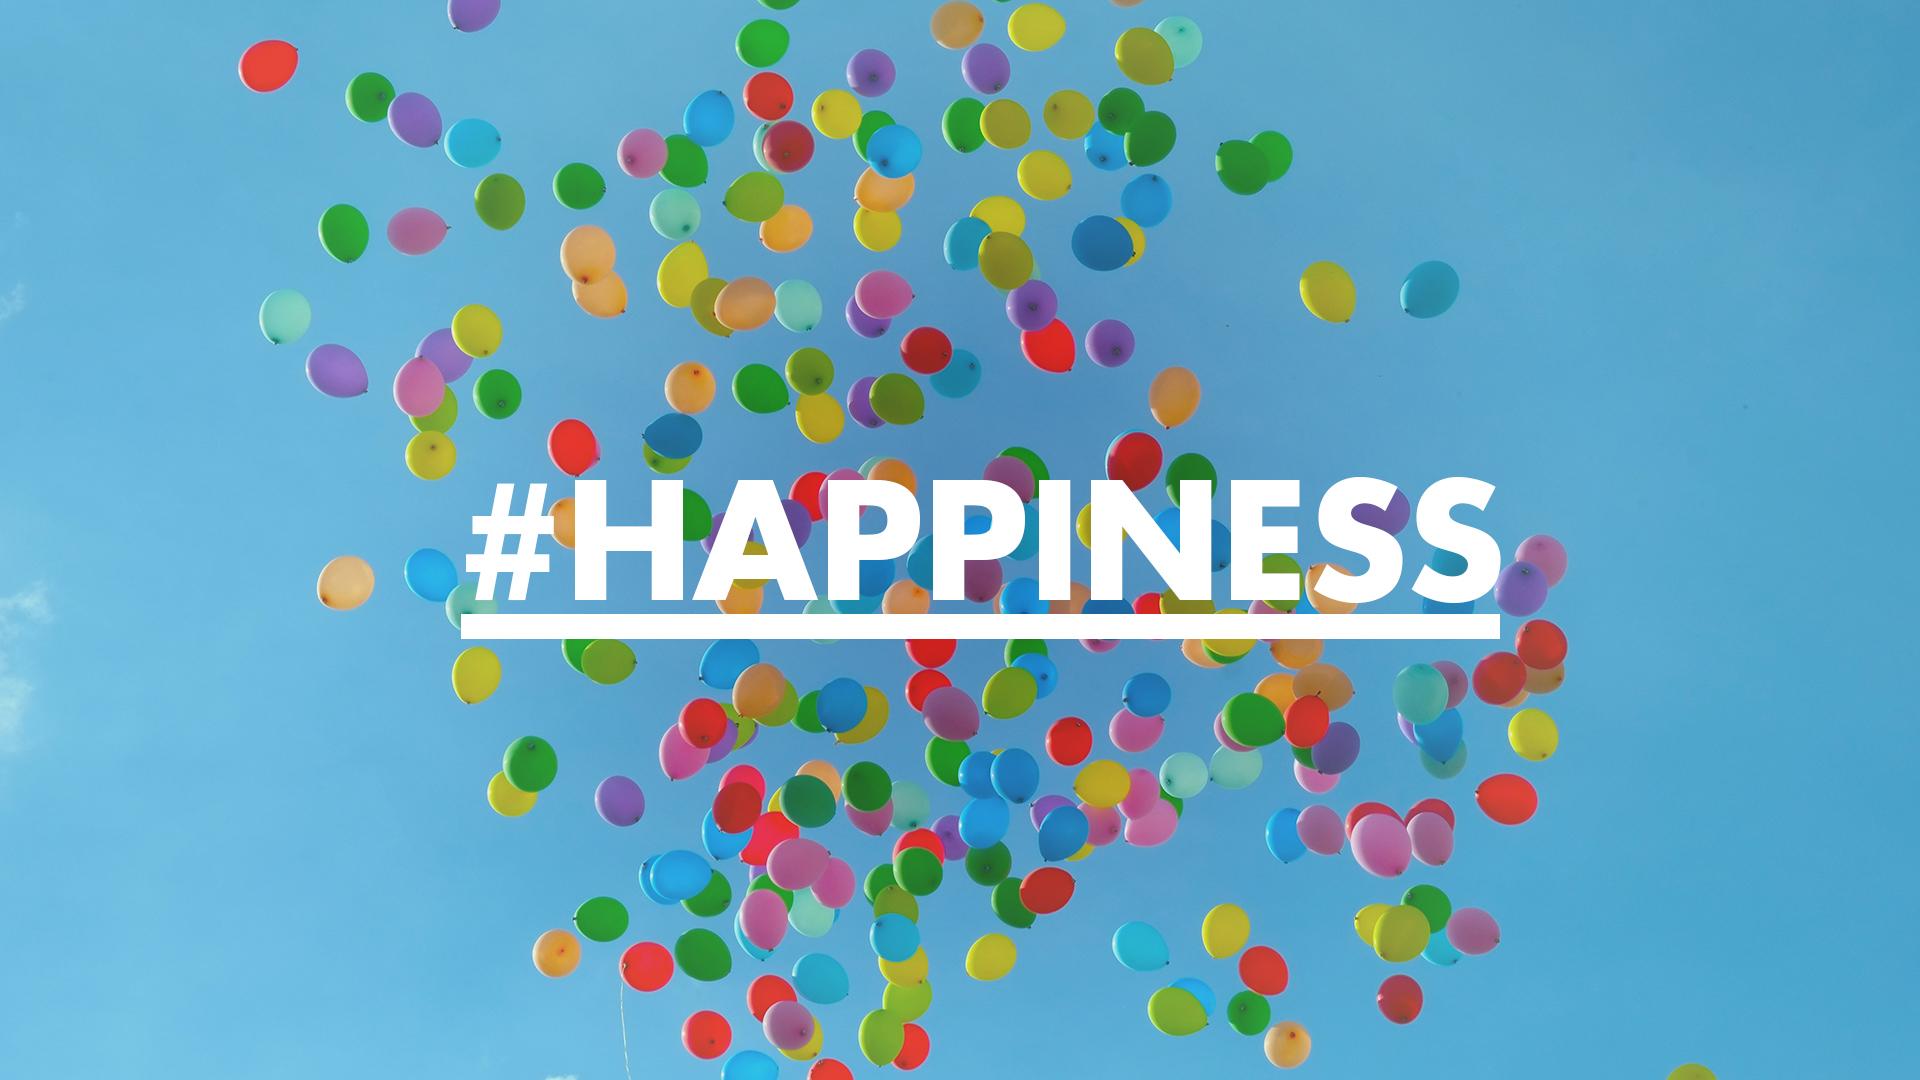 ¿Zara, Audi, Nike, ... son las marcas que nos hacen más felices?